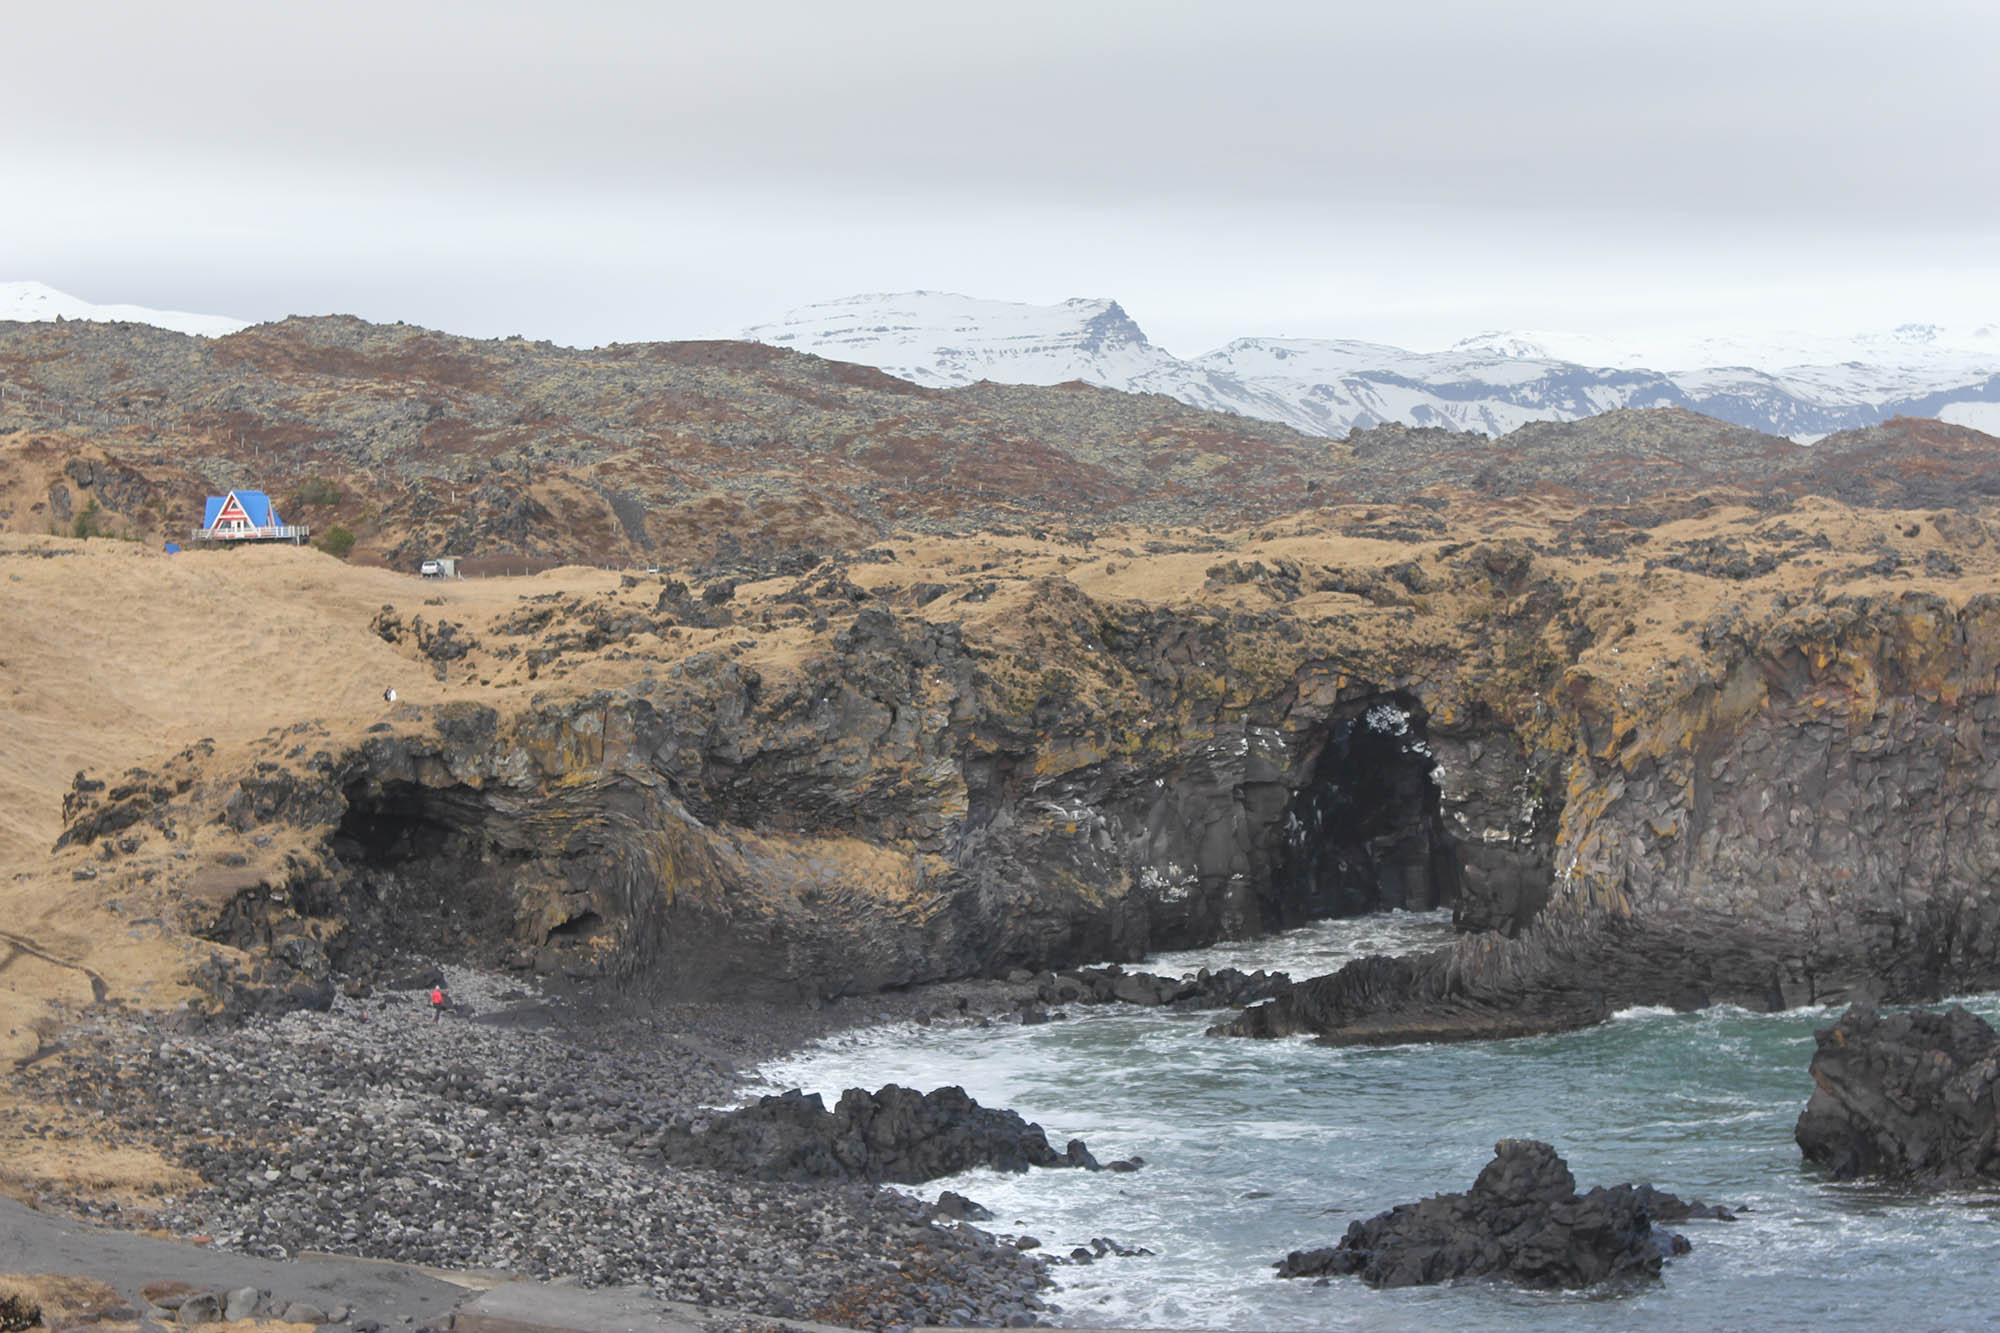 А еще в Исландии удивительная природа. Вот так выглядит полуостров Снайфелснесс, где происходило действие книги Жюля Верна «Путешествие к центру земли»